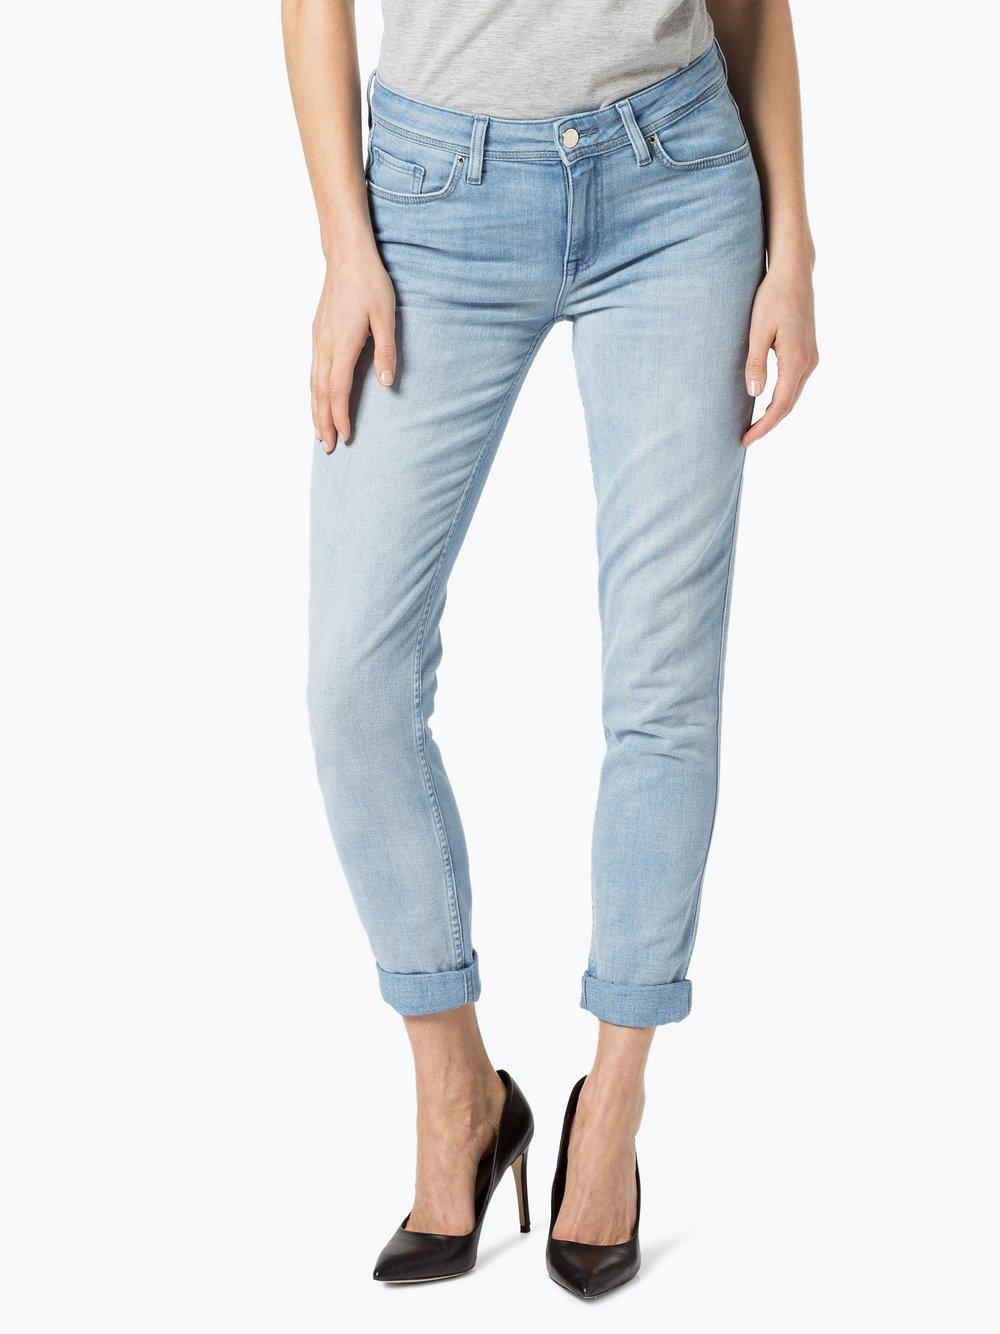 Tommy Hilfiger Damen Jeans Griffin online kaufen | PEEK